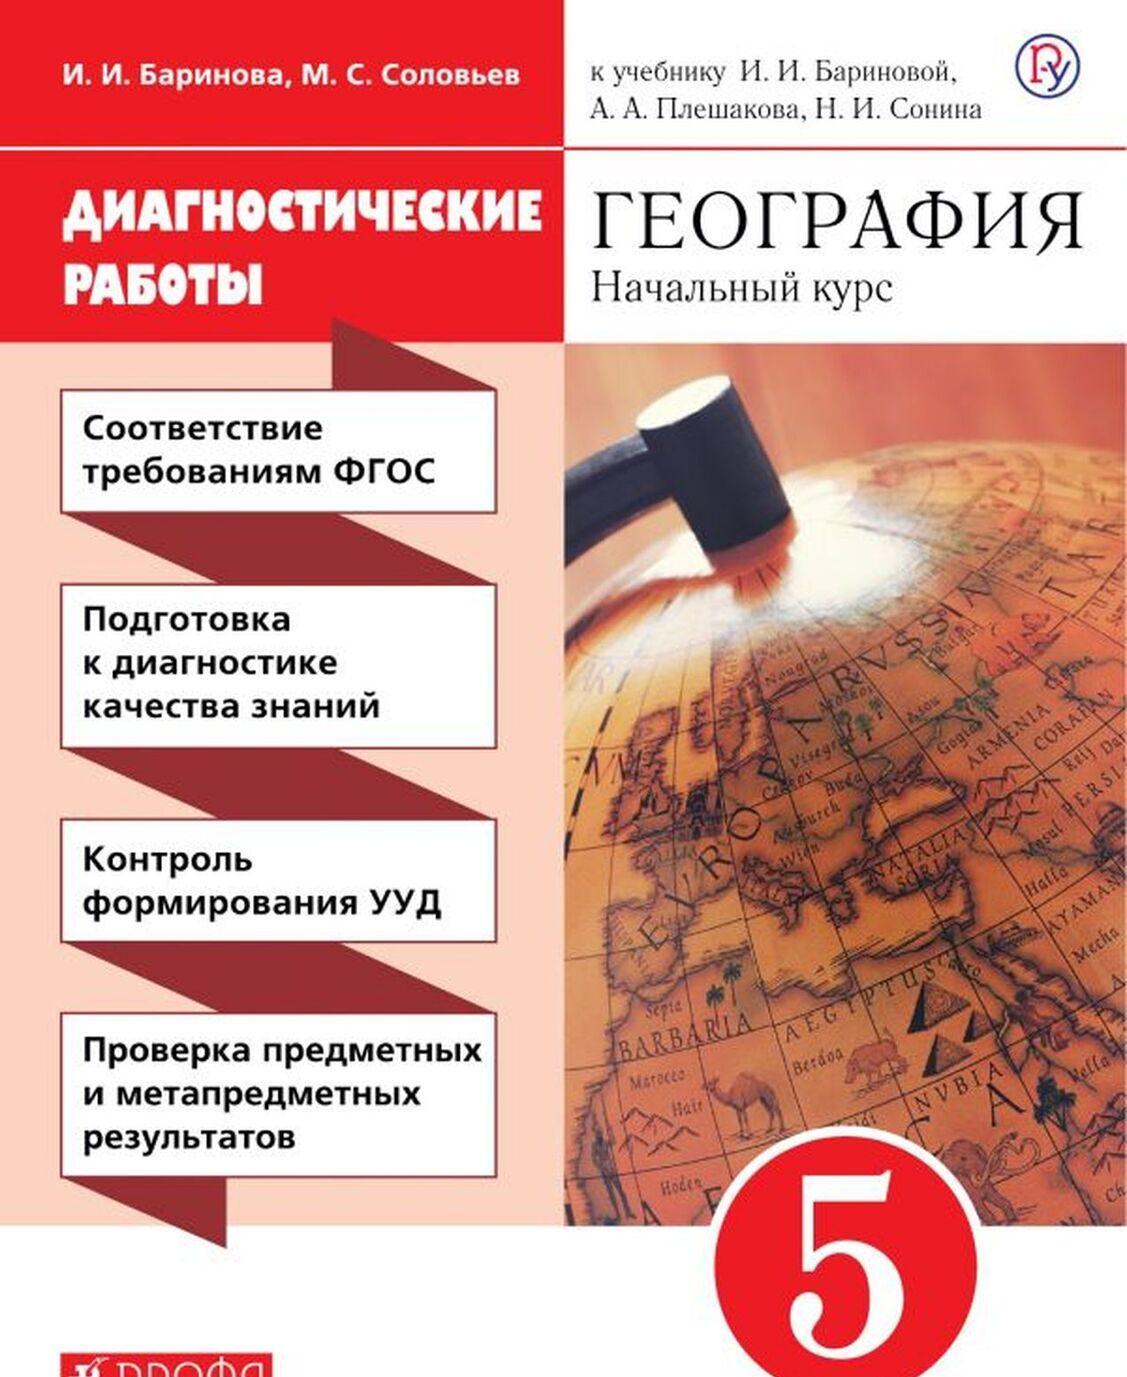 Geografija. 5 klass. Diagnosticheskie raboty. K uchebniku I. I. Barinovoj i dr. | Barinova Irina Ivanovna, Solovev Maksim Sergeevich